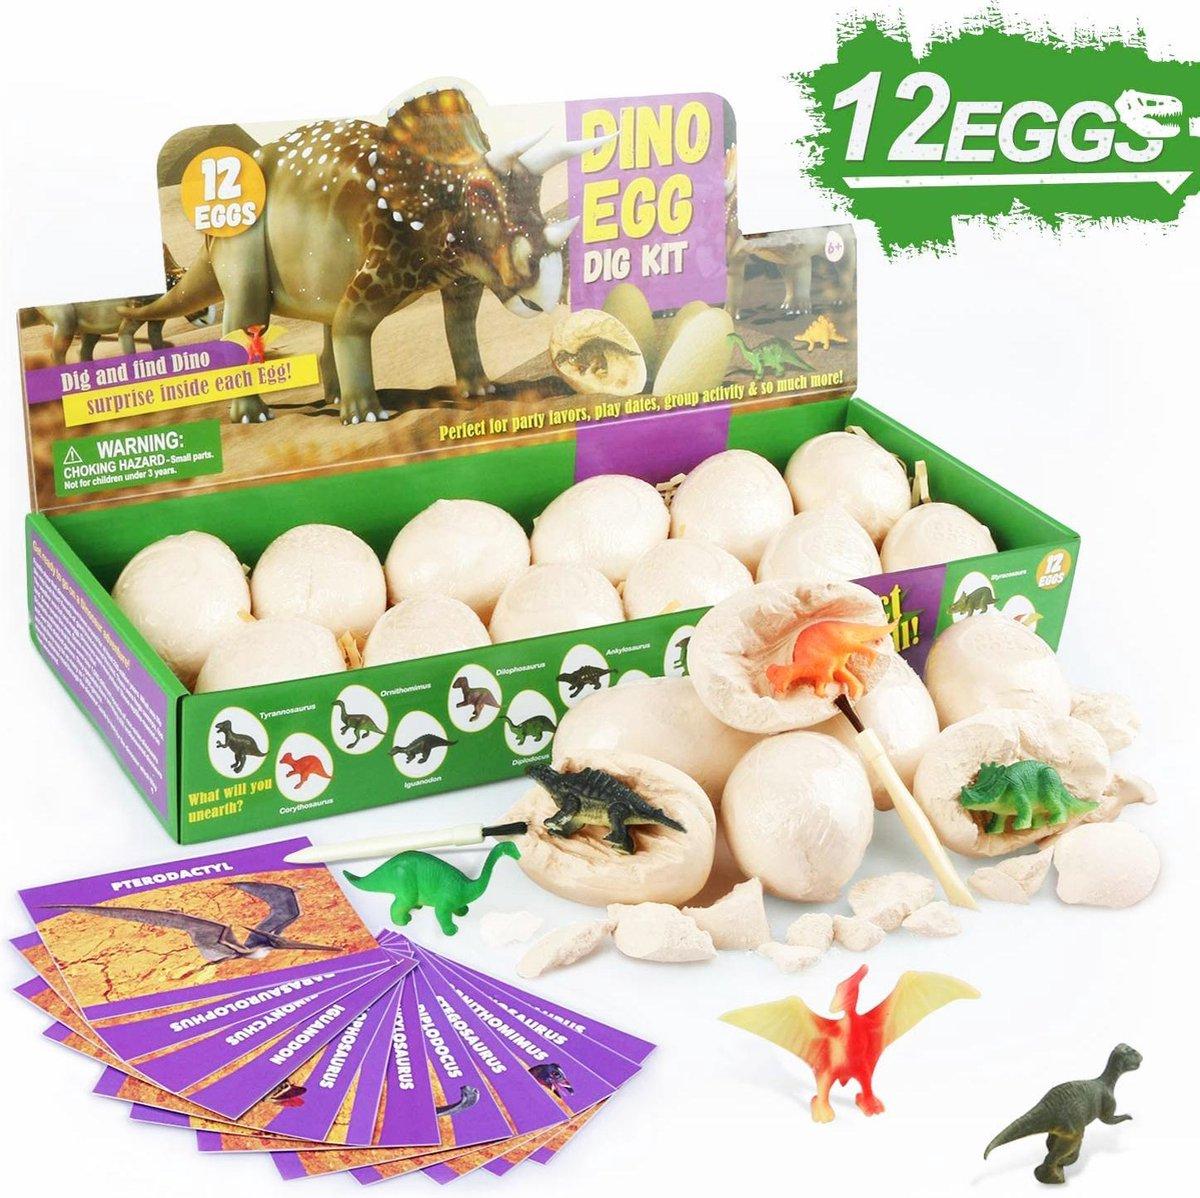 Aeneid Dinosaurus Graaf Kit met 12 Unieke Dino's - Kinderen - Dinosaurus Speelgoed - Cadeau - Verjaardag - Educatief - Dino Eieren Set - 6 Jaar en Ouder